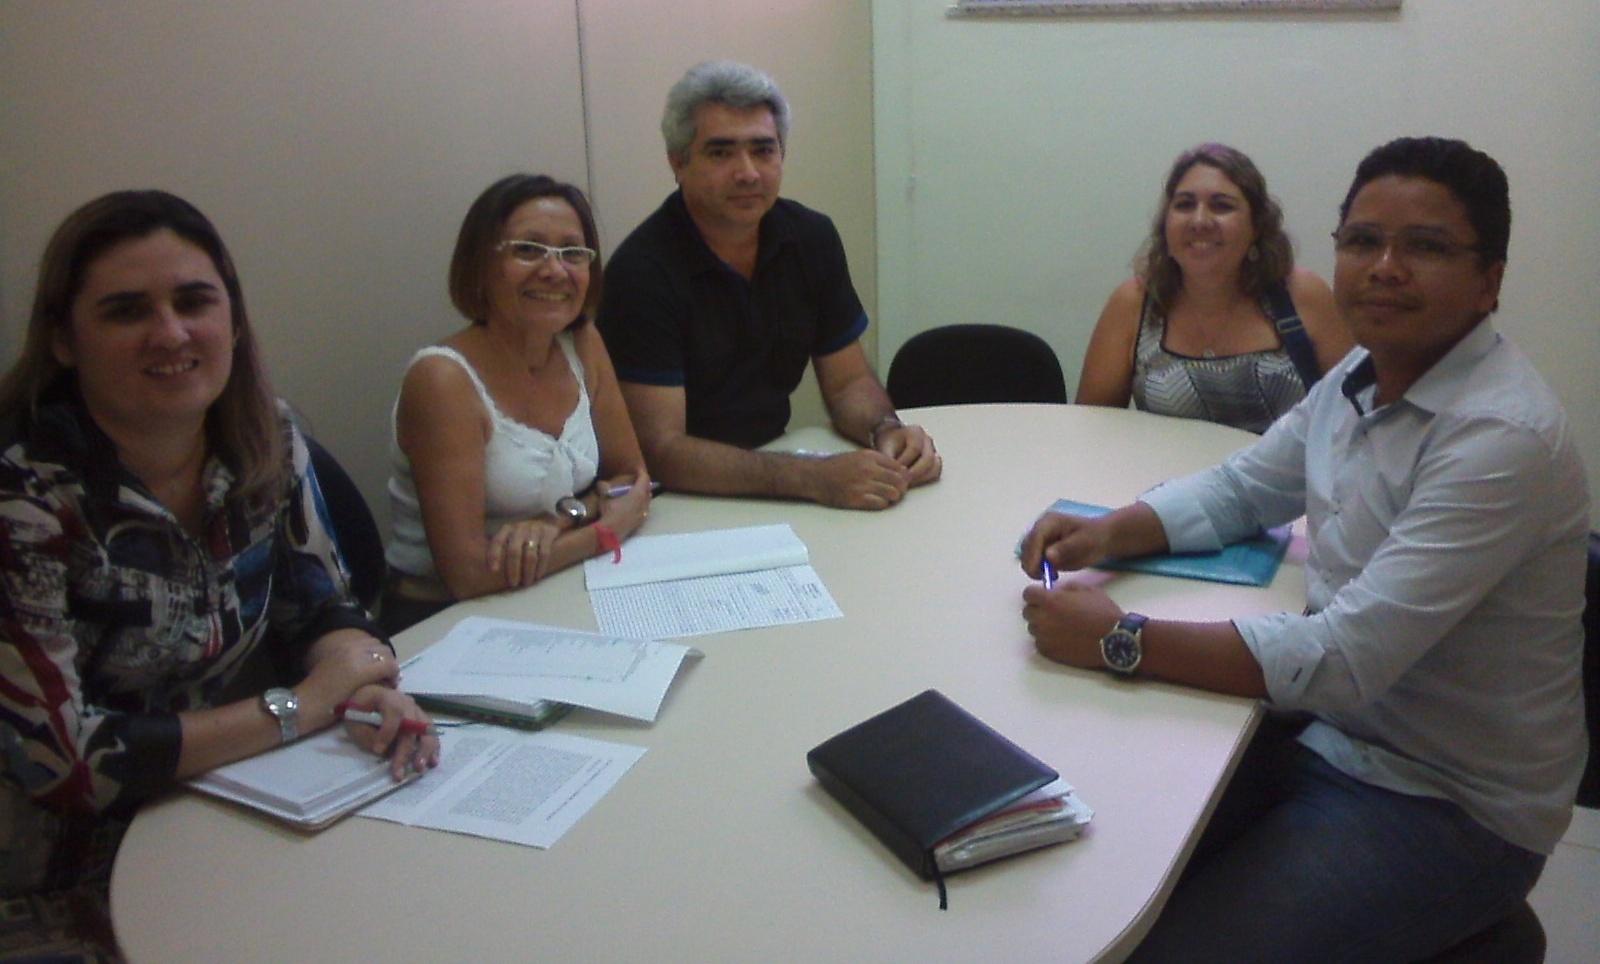 REUNIÃO COM A COMISSÃO DE CONCURSOS DA UEPA